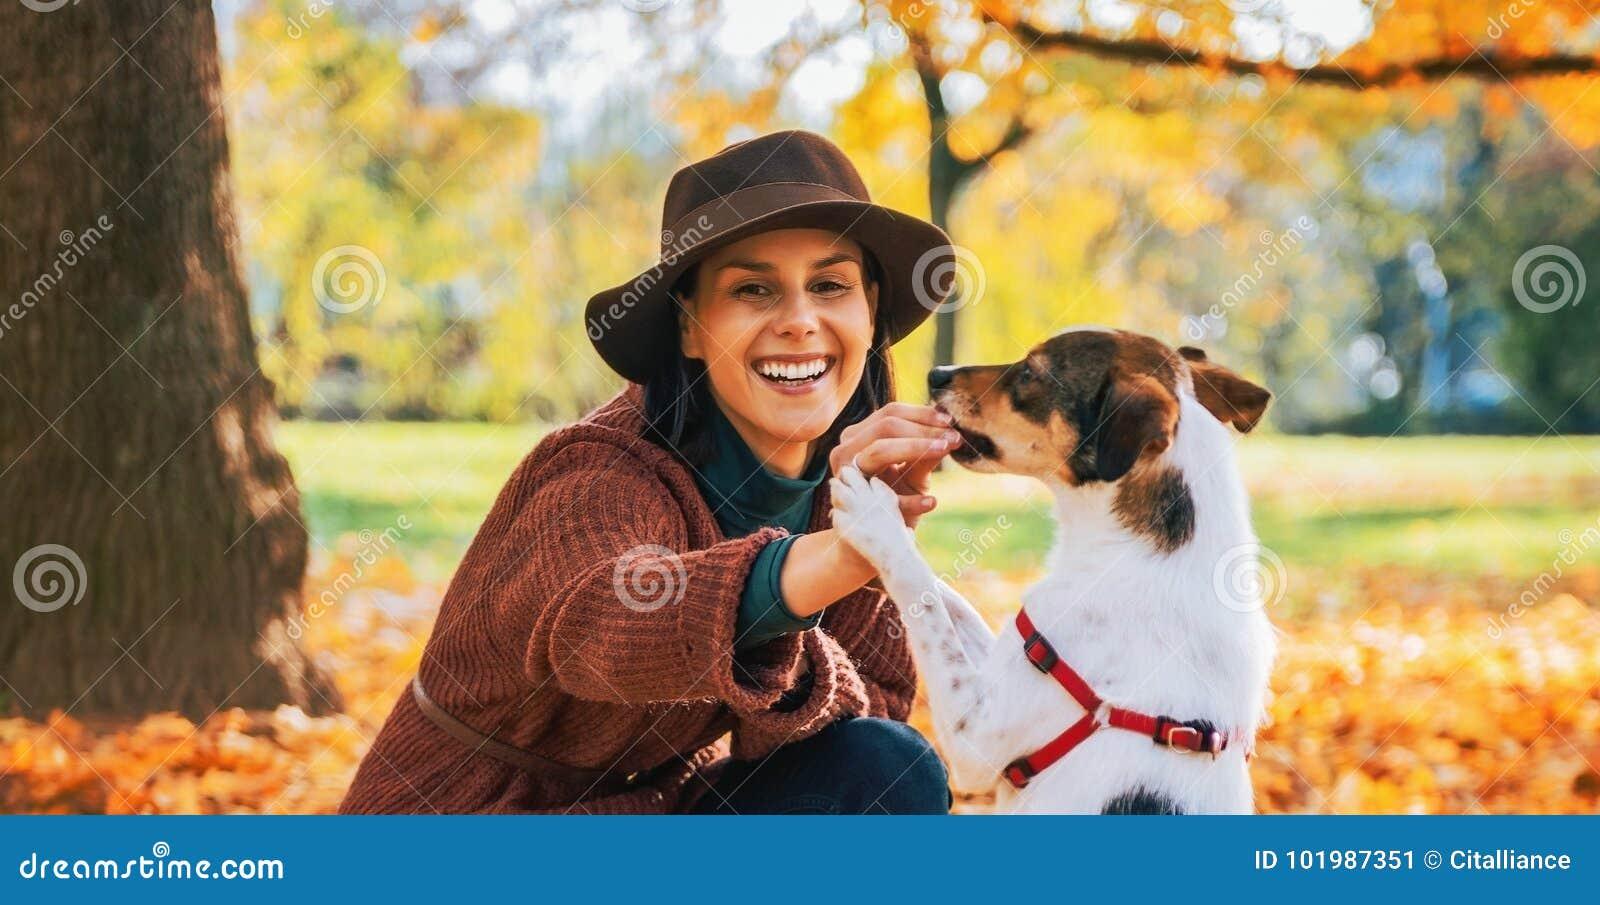 Молодая женщина играя с собакой outdoors в осени